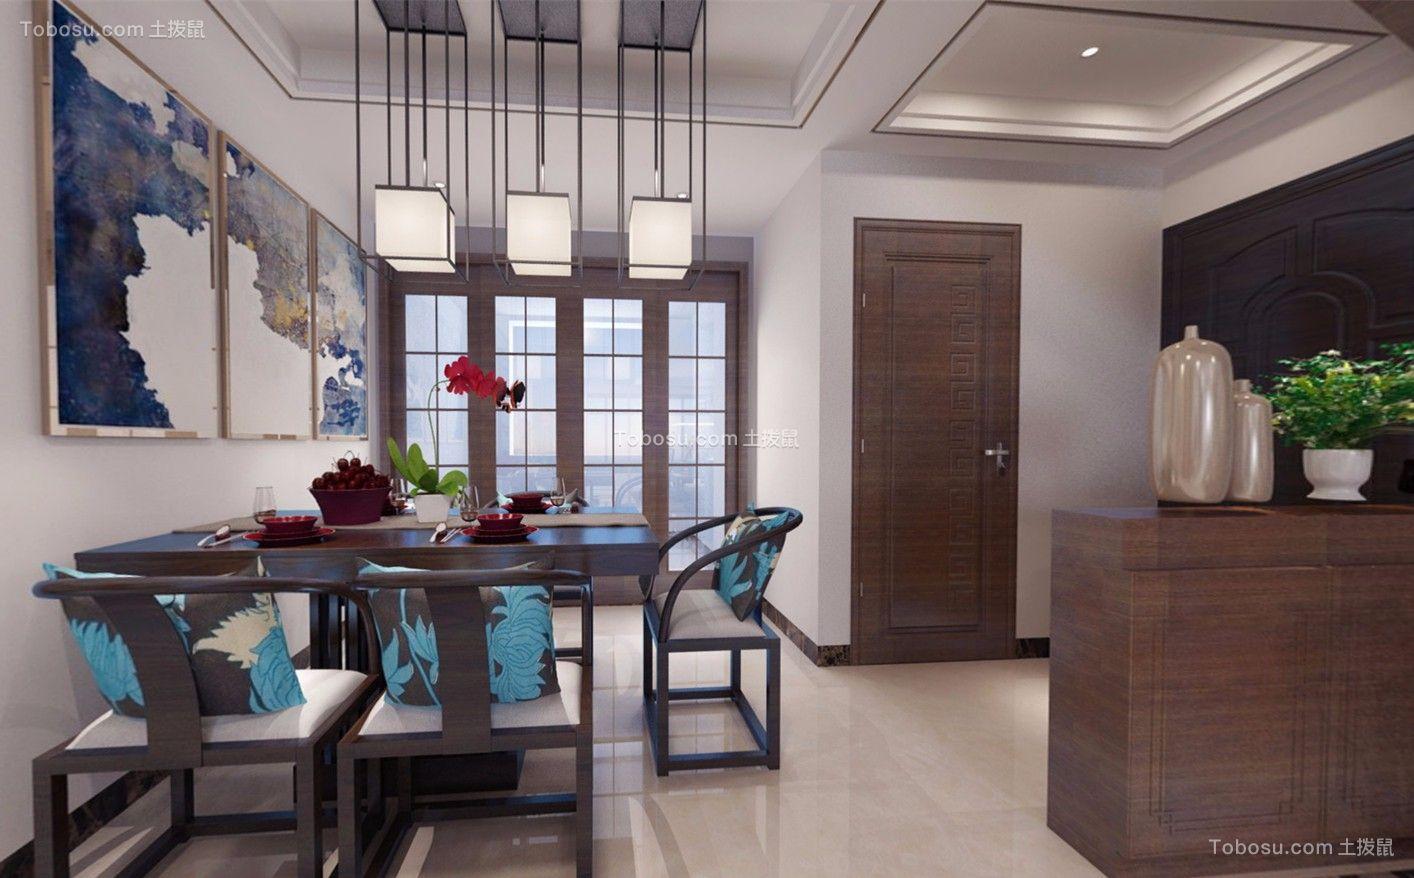 扬州秋南新寓240平米新中式风格效果图